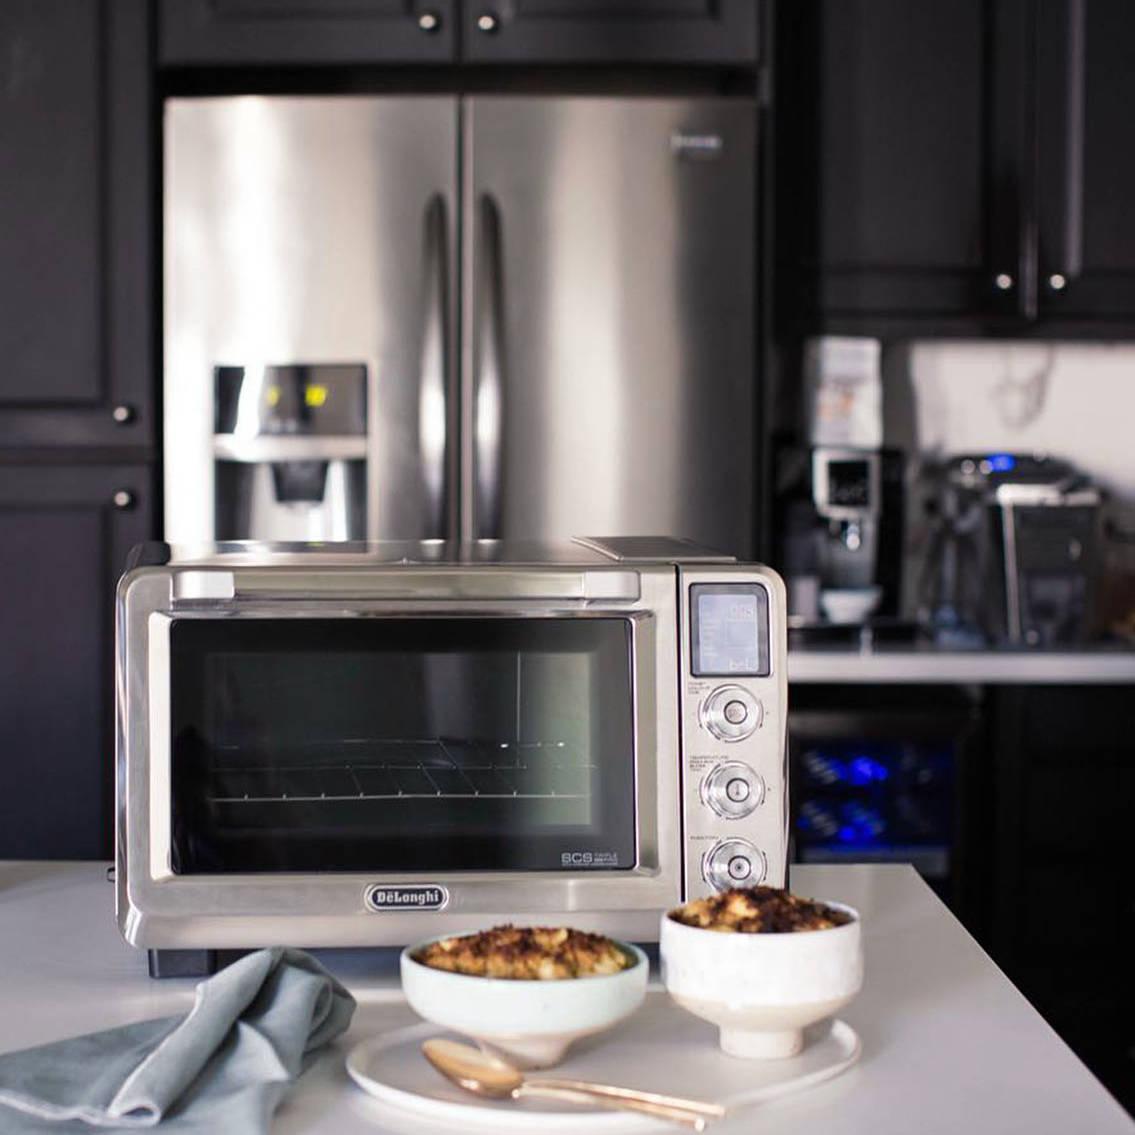 De'Longhi selezione elettrodomestici da cucina